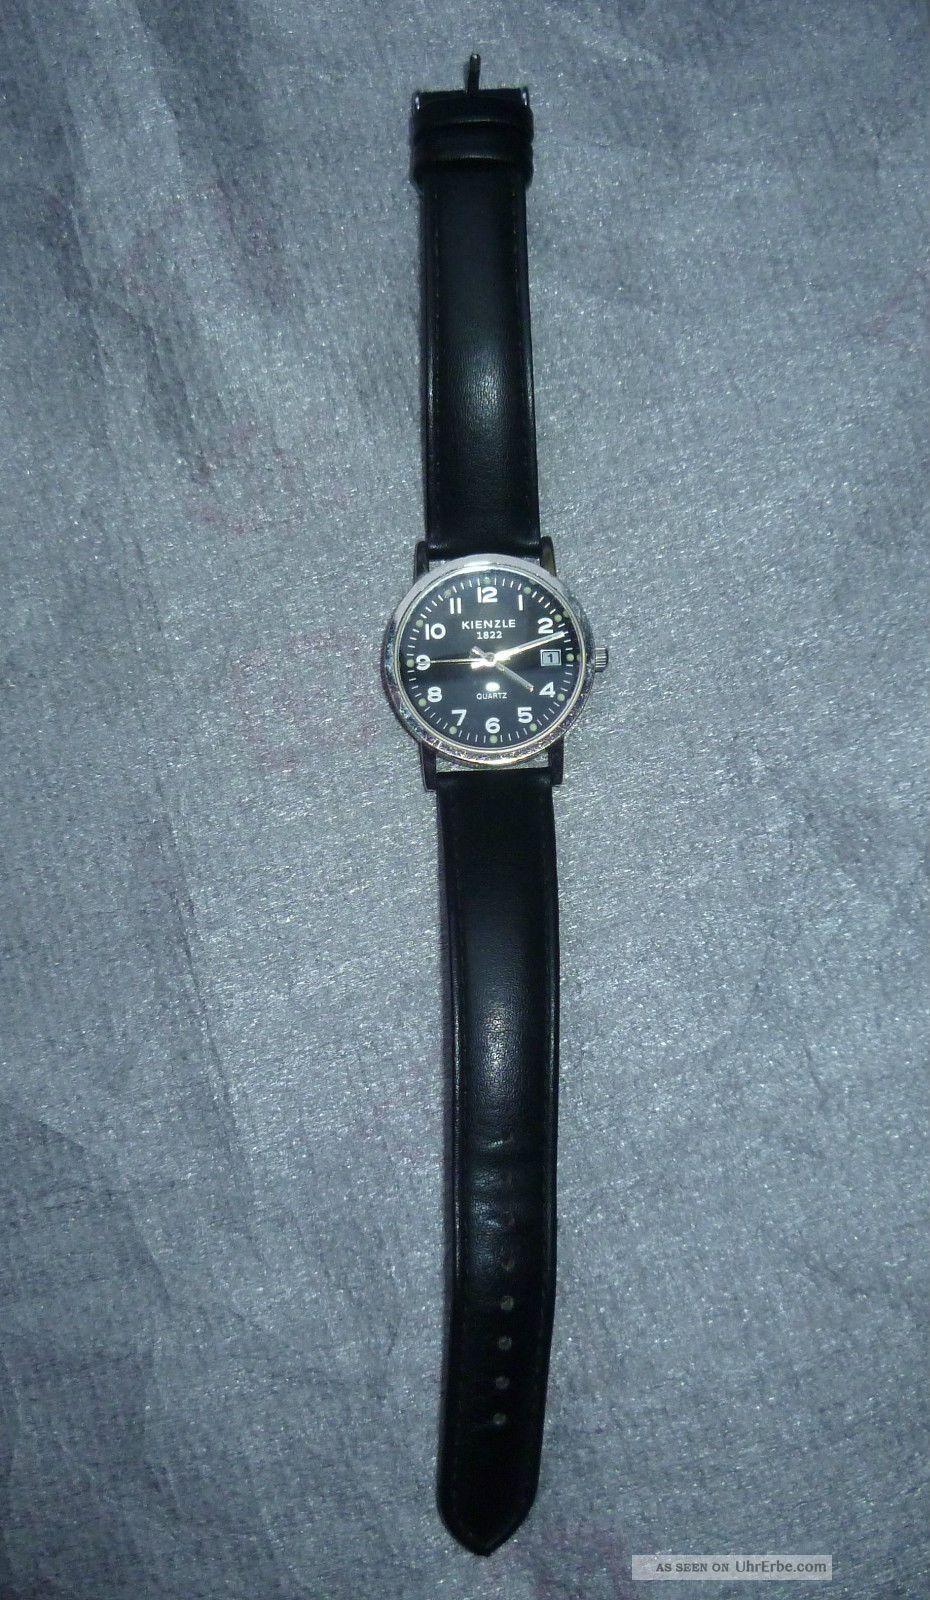 Kienzle/ Herren - Armbanduhr,  Mit Lederarmband,  Schwarz,  Neuwertig Armbanduhren Bild